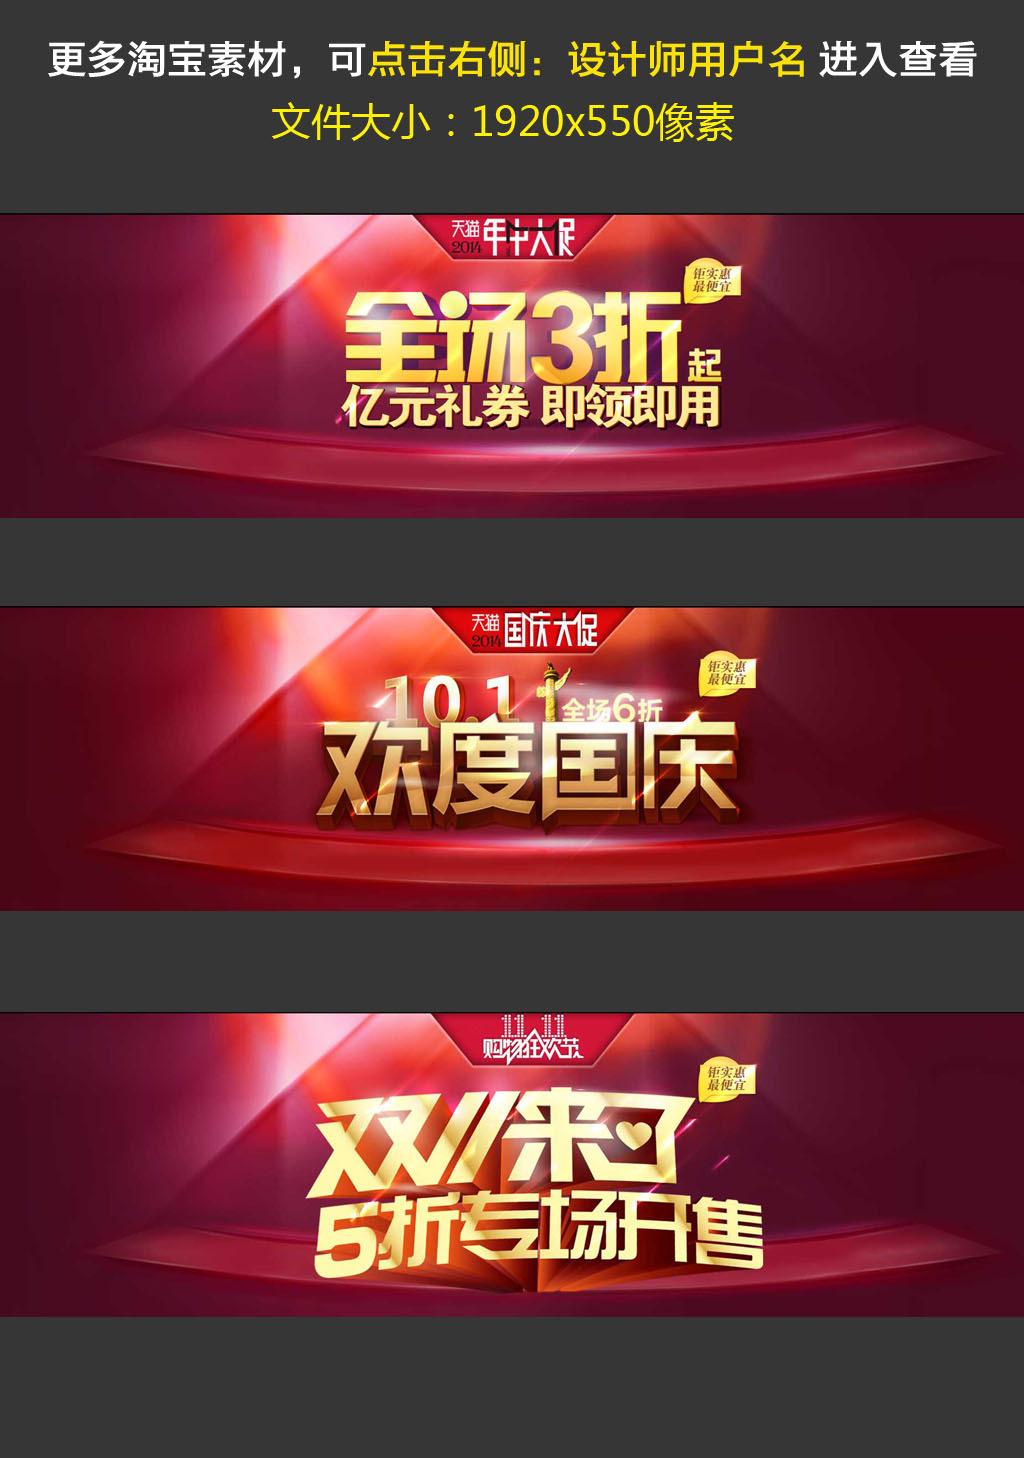 淘宝国庆节活动促销海报模板